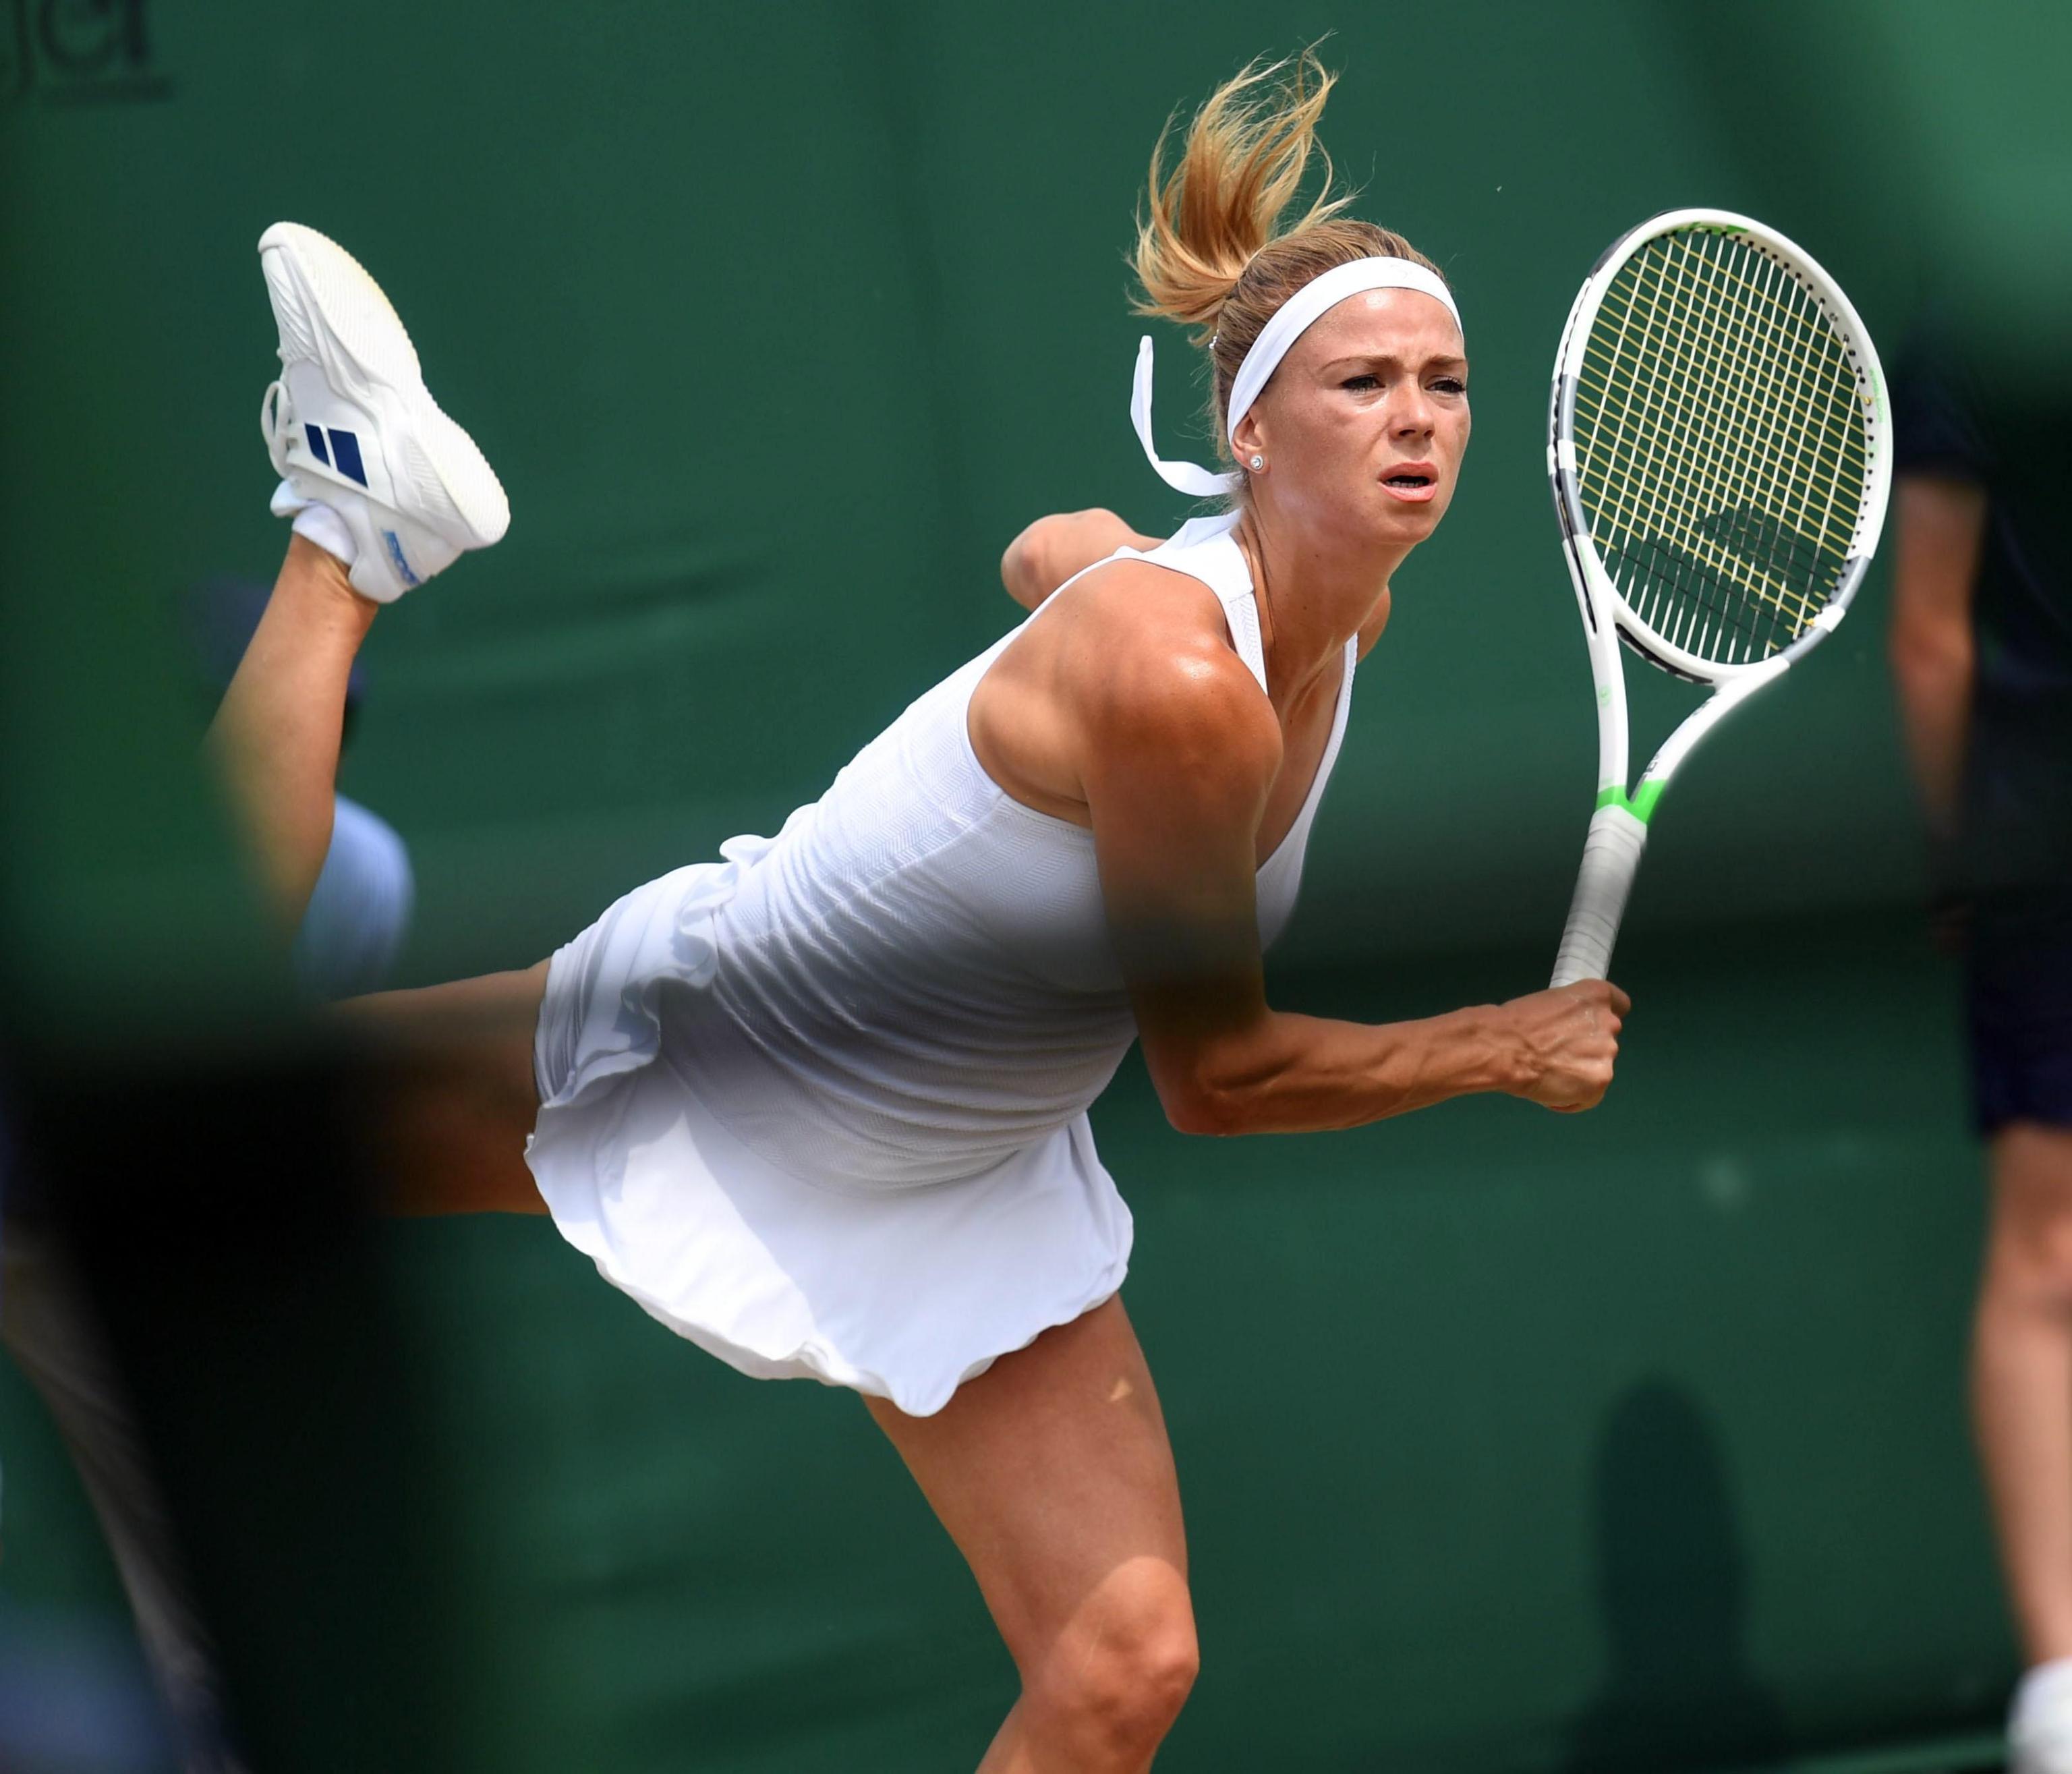 Esulta ancora Camila Giorgi a Wimbledon: l'azzurra negli ottavi di finale ha la meglio di Ekaterina Makarova al termine di un match a senso unico. Le porte dei quarti si aprono regalando alla tennista di Macerata il miglior risultato in uno Slam della sua carriera: nulla da fare per la russa, che cade 2-0 (6-3, 6-4). Sulla strada della Giorgi ora ci sarà la vincente della sfida tra Serena Williams ed Evgeniya Rodina.